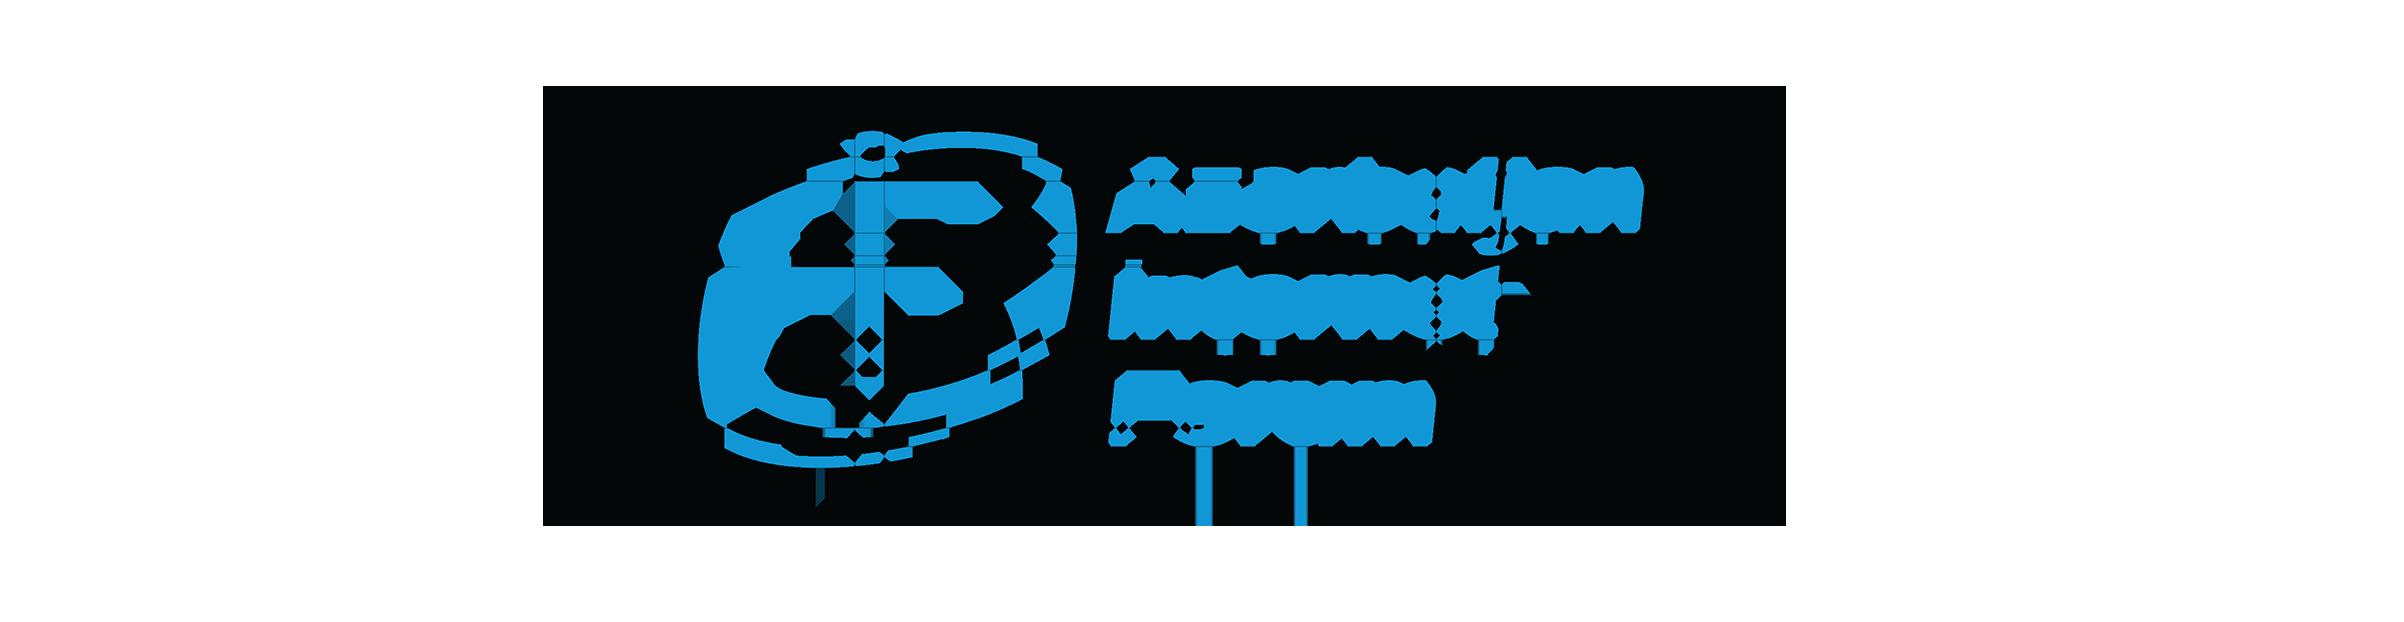 Azərbaycan İnternet Forumu - Logosu